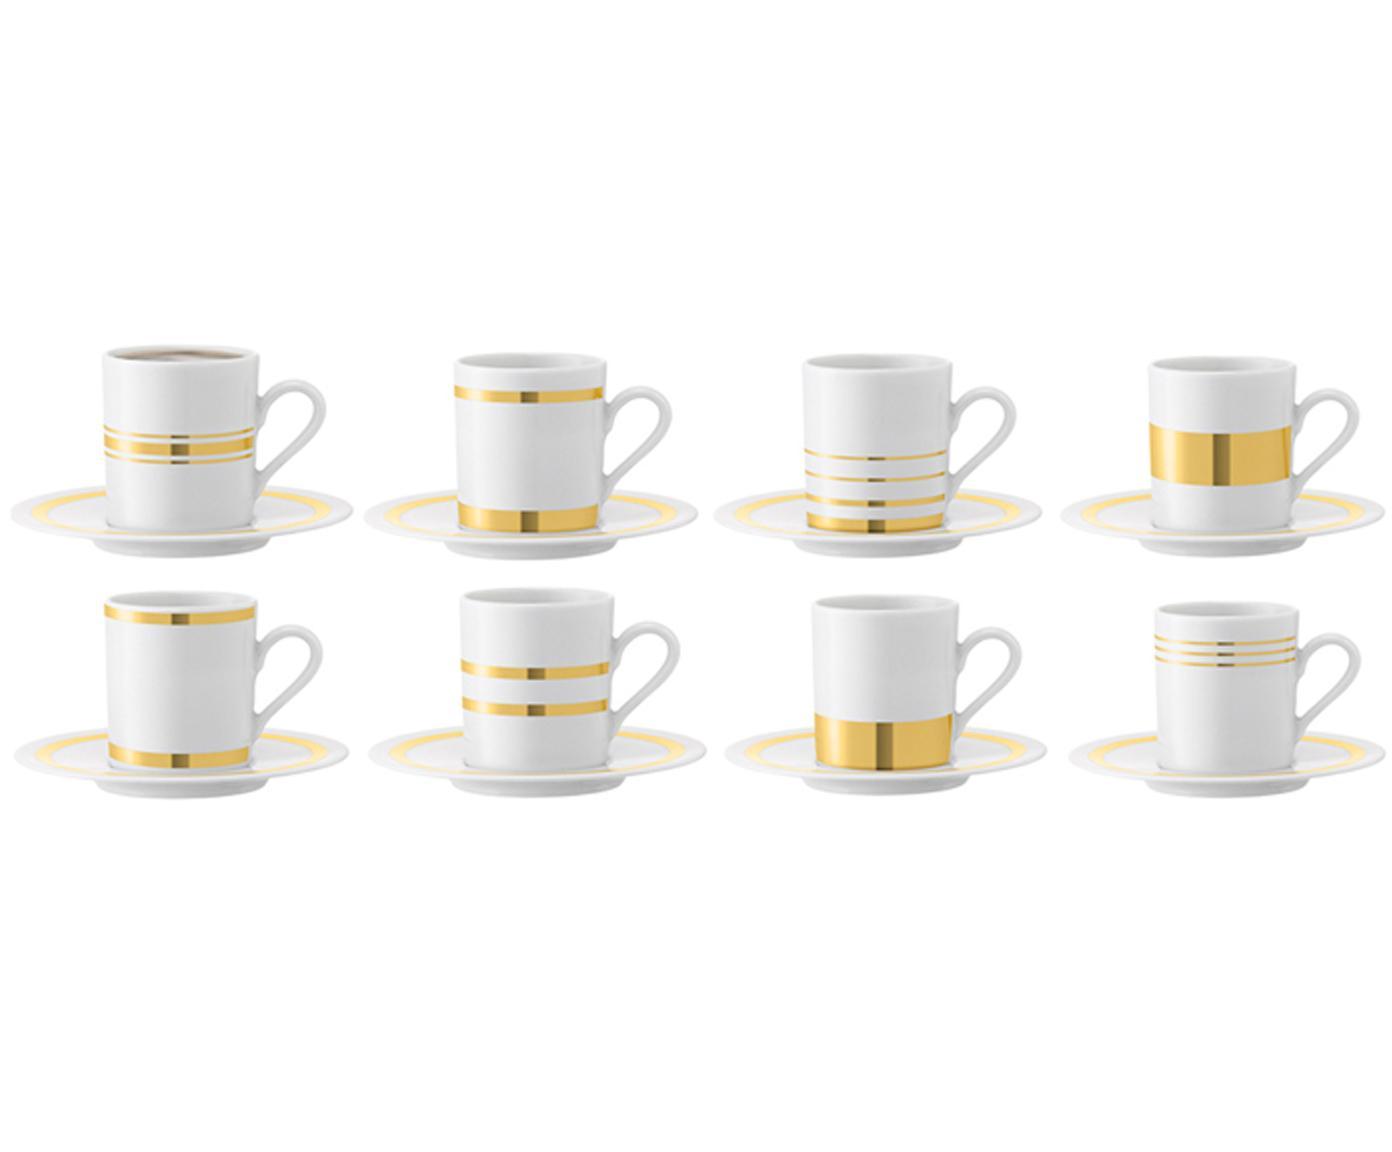 Tazzina caffè con piattino Deco, set di 8, Porcellana, Bianco, dorato, Ø 7 x Alt. 7 cm